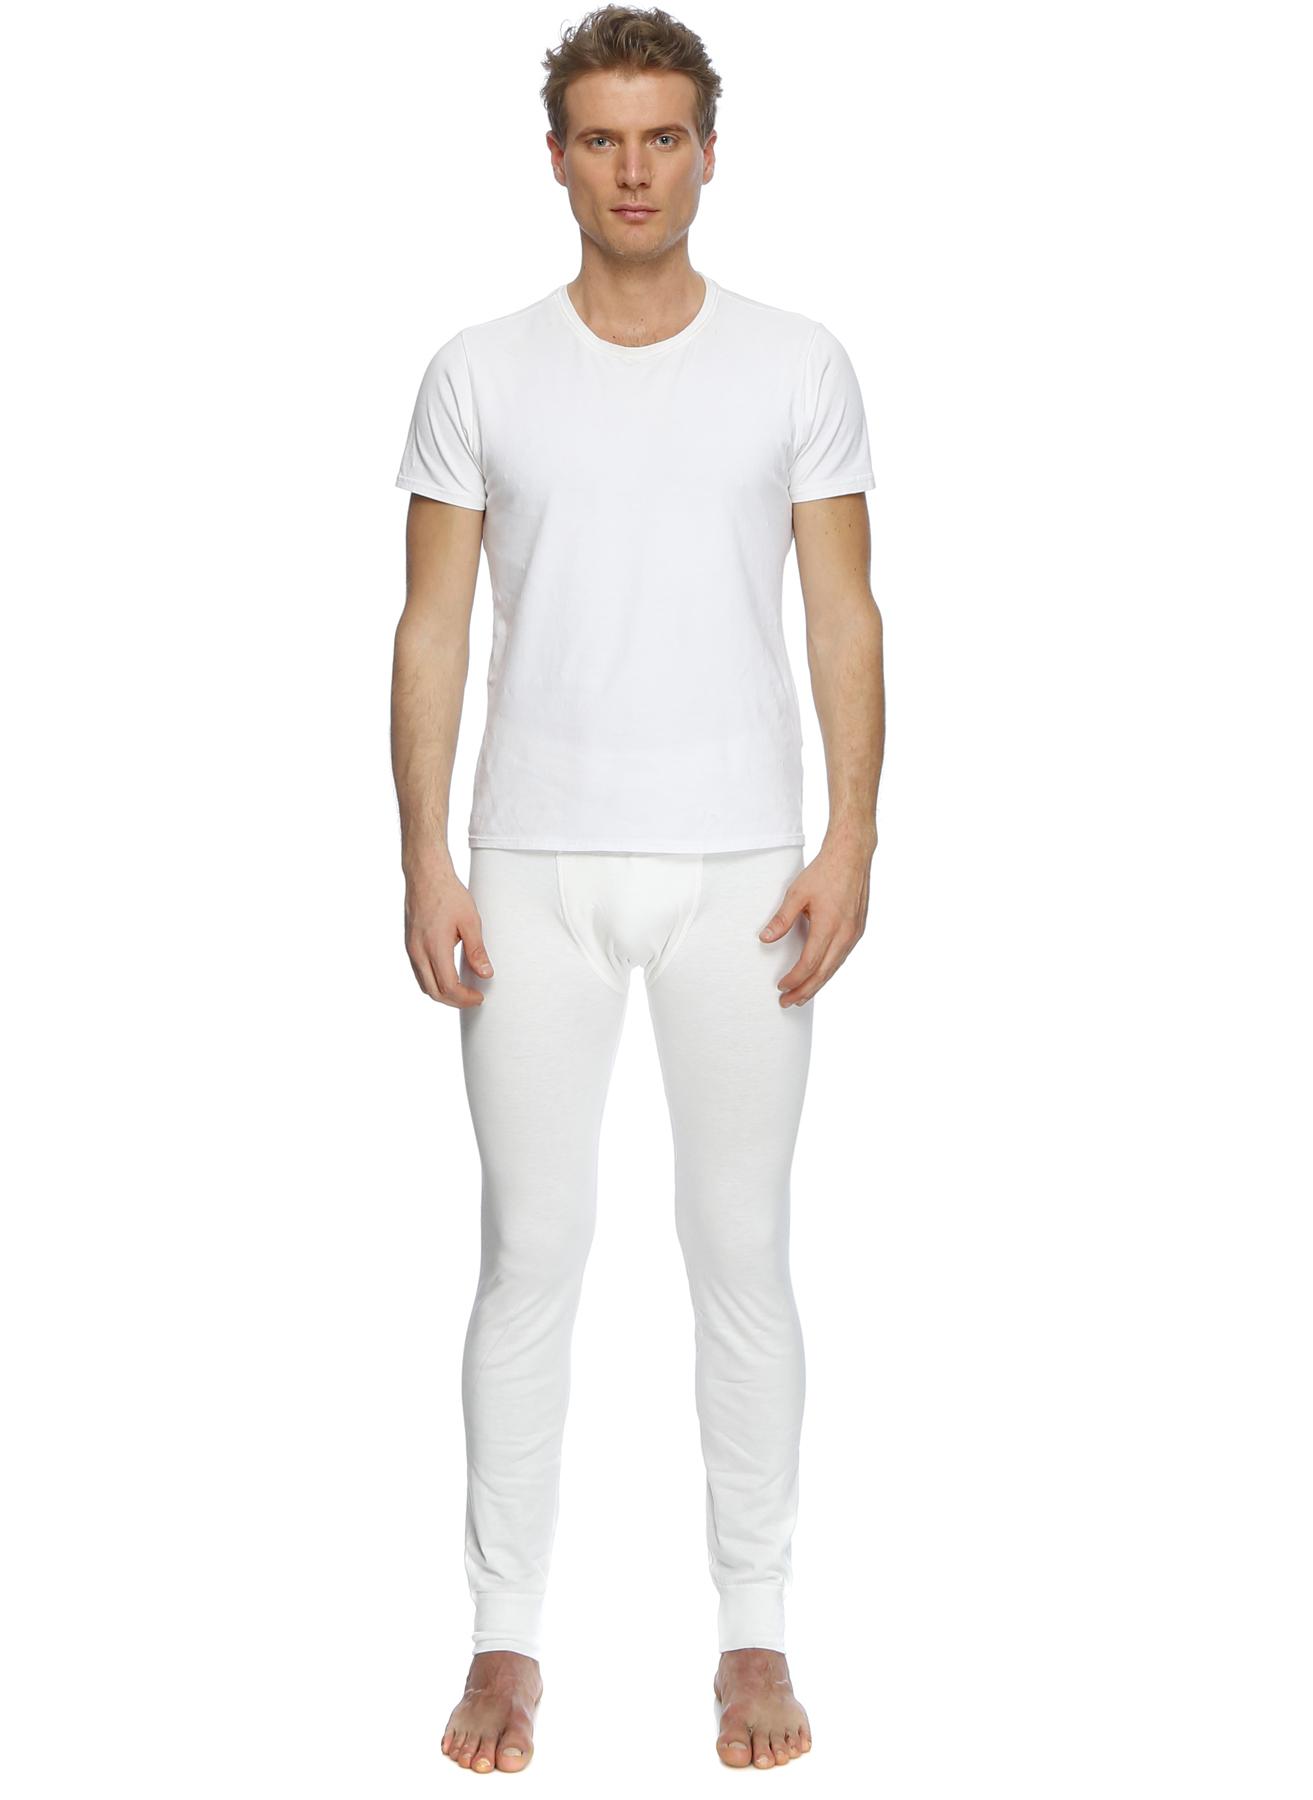 S Koyu Ekru Er_Os Beyaz Klasik Pantolon 5000092647004 Erkek İç Giyim Pijama